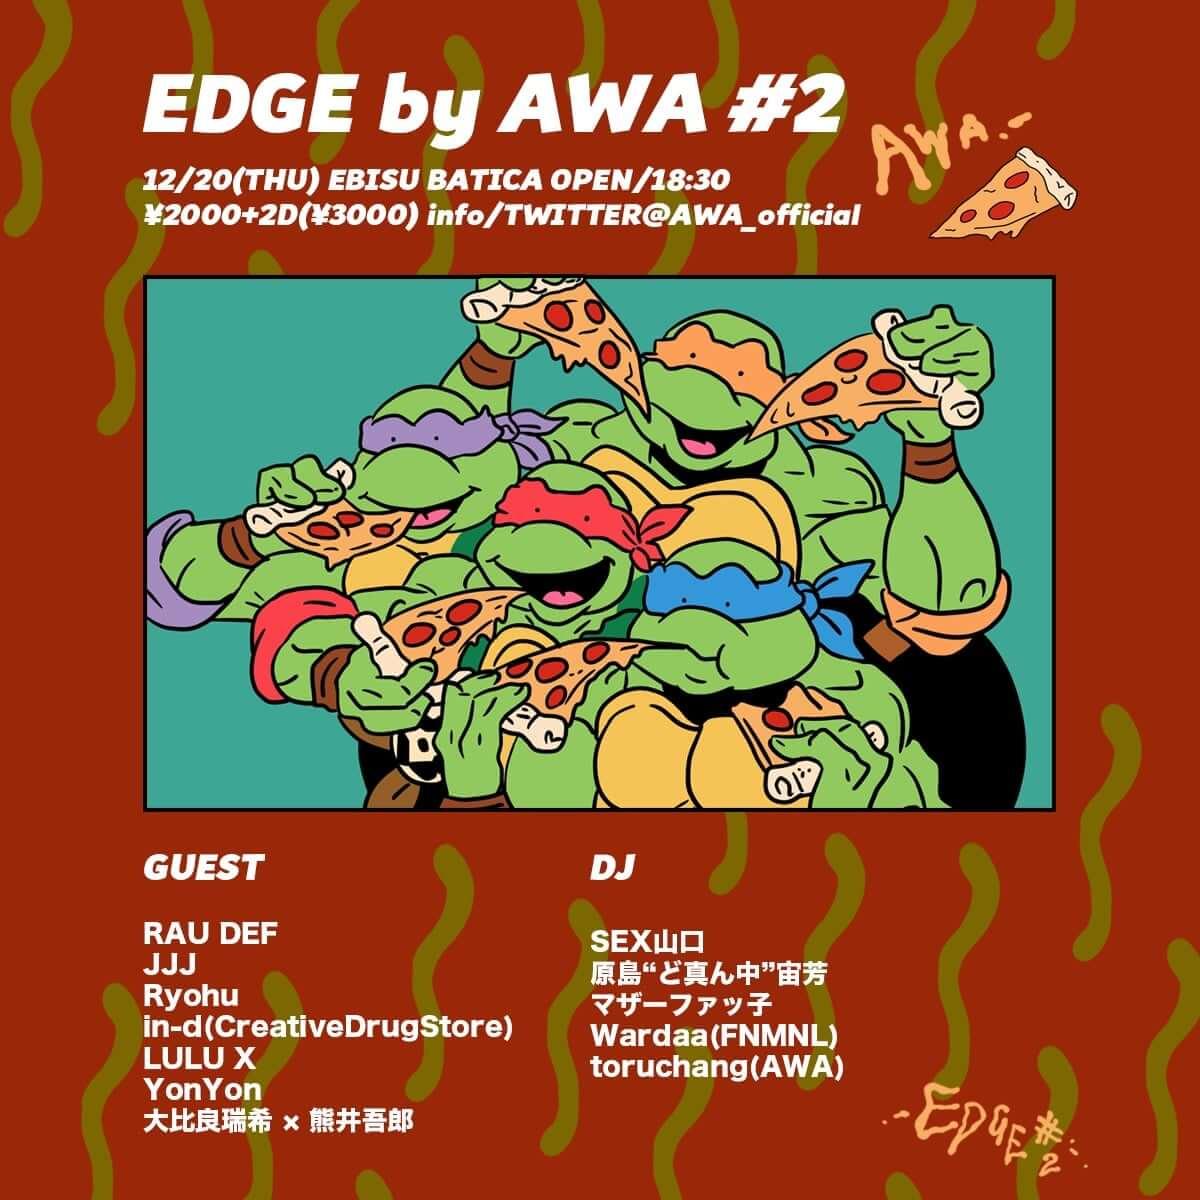 12月20日に開催のAWAによるクラブイベント「EDGE by AWA」第2弾出演アーティストが発表 music181216-edge-by-awa-21-1200x1200